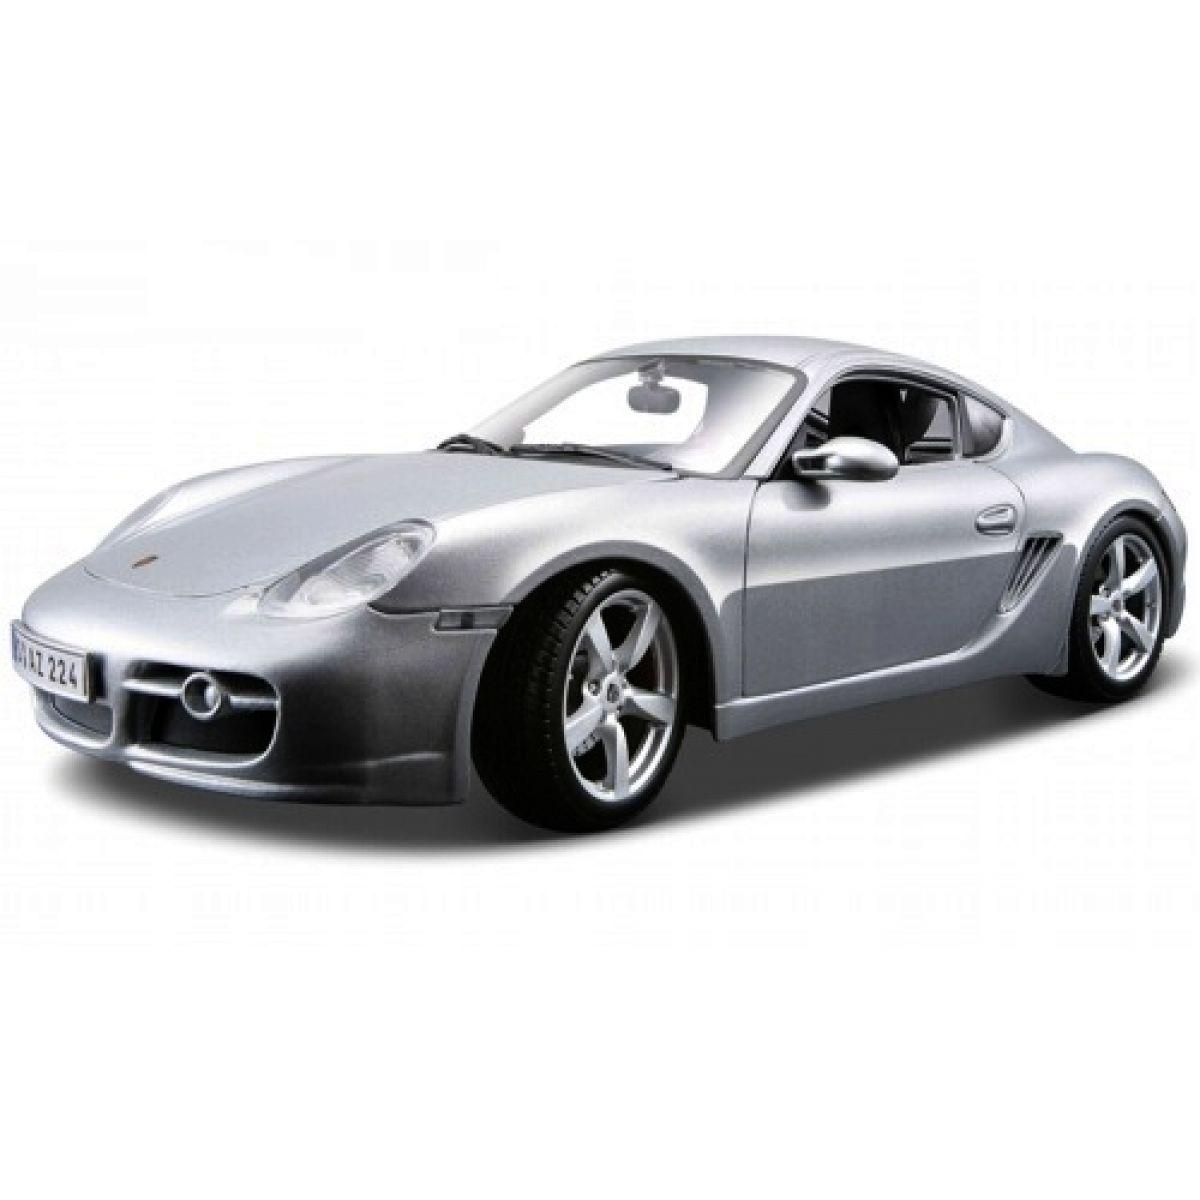 Porsche Cayman S Maisto 1:18